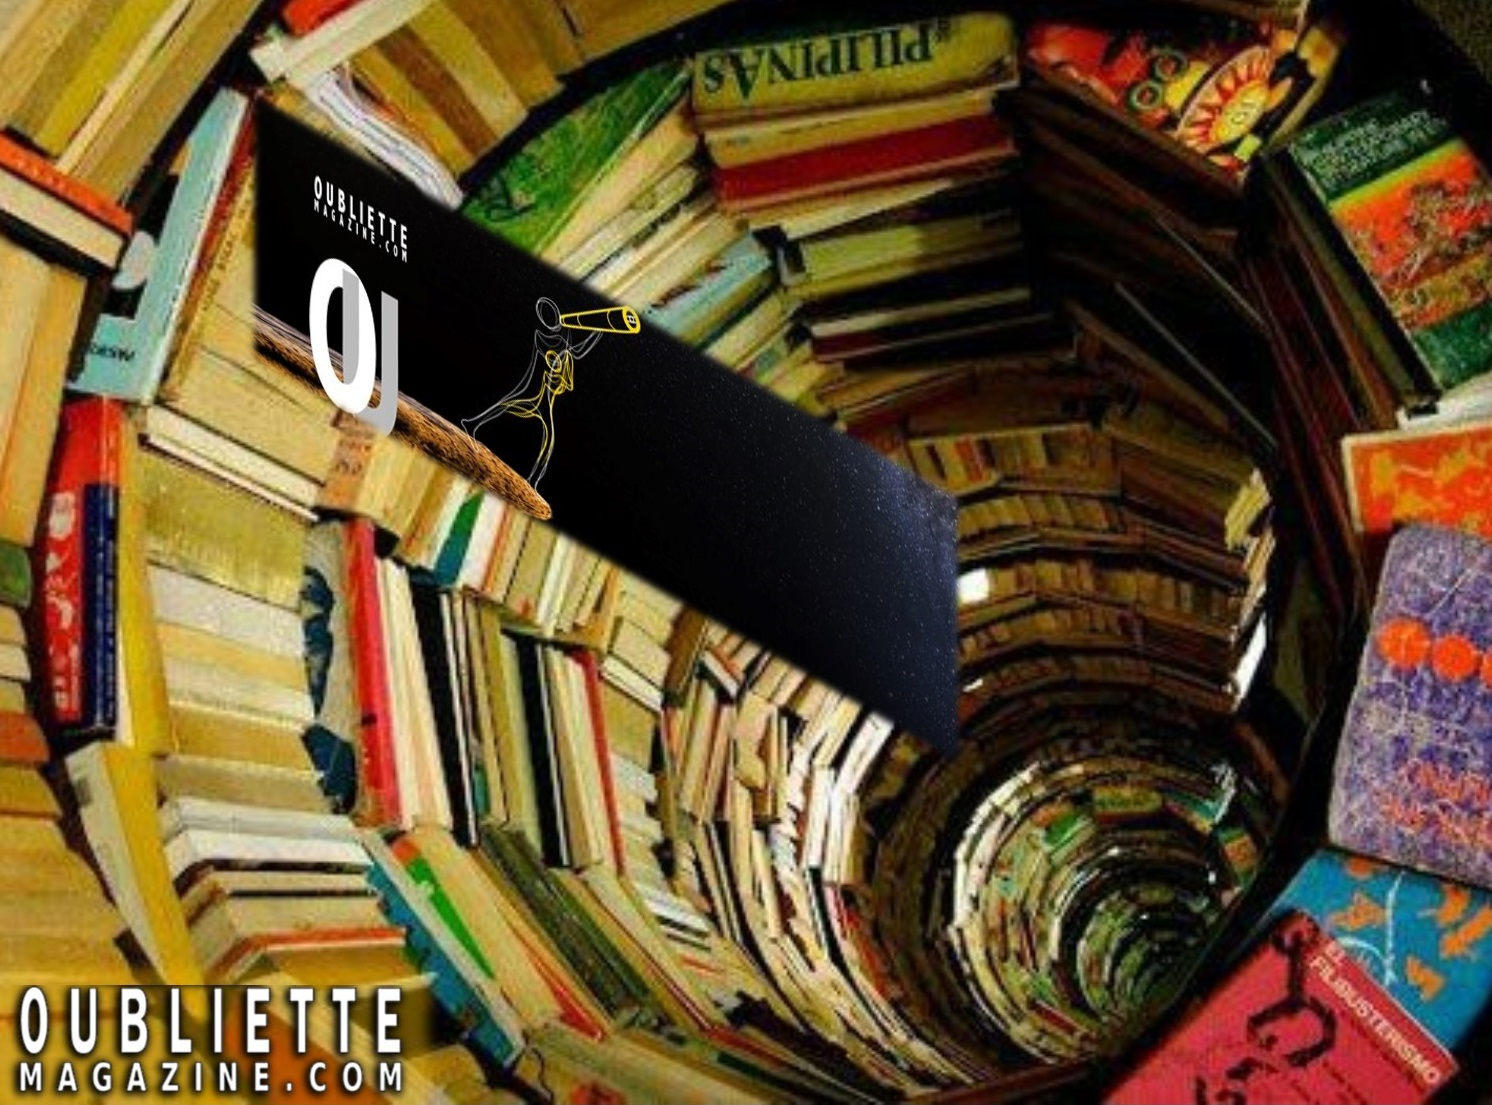 Editoria 2018: i libri dell'anno consigliati da Oubliette Magazine